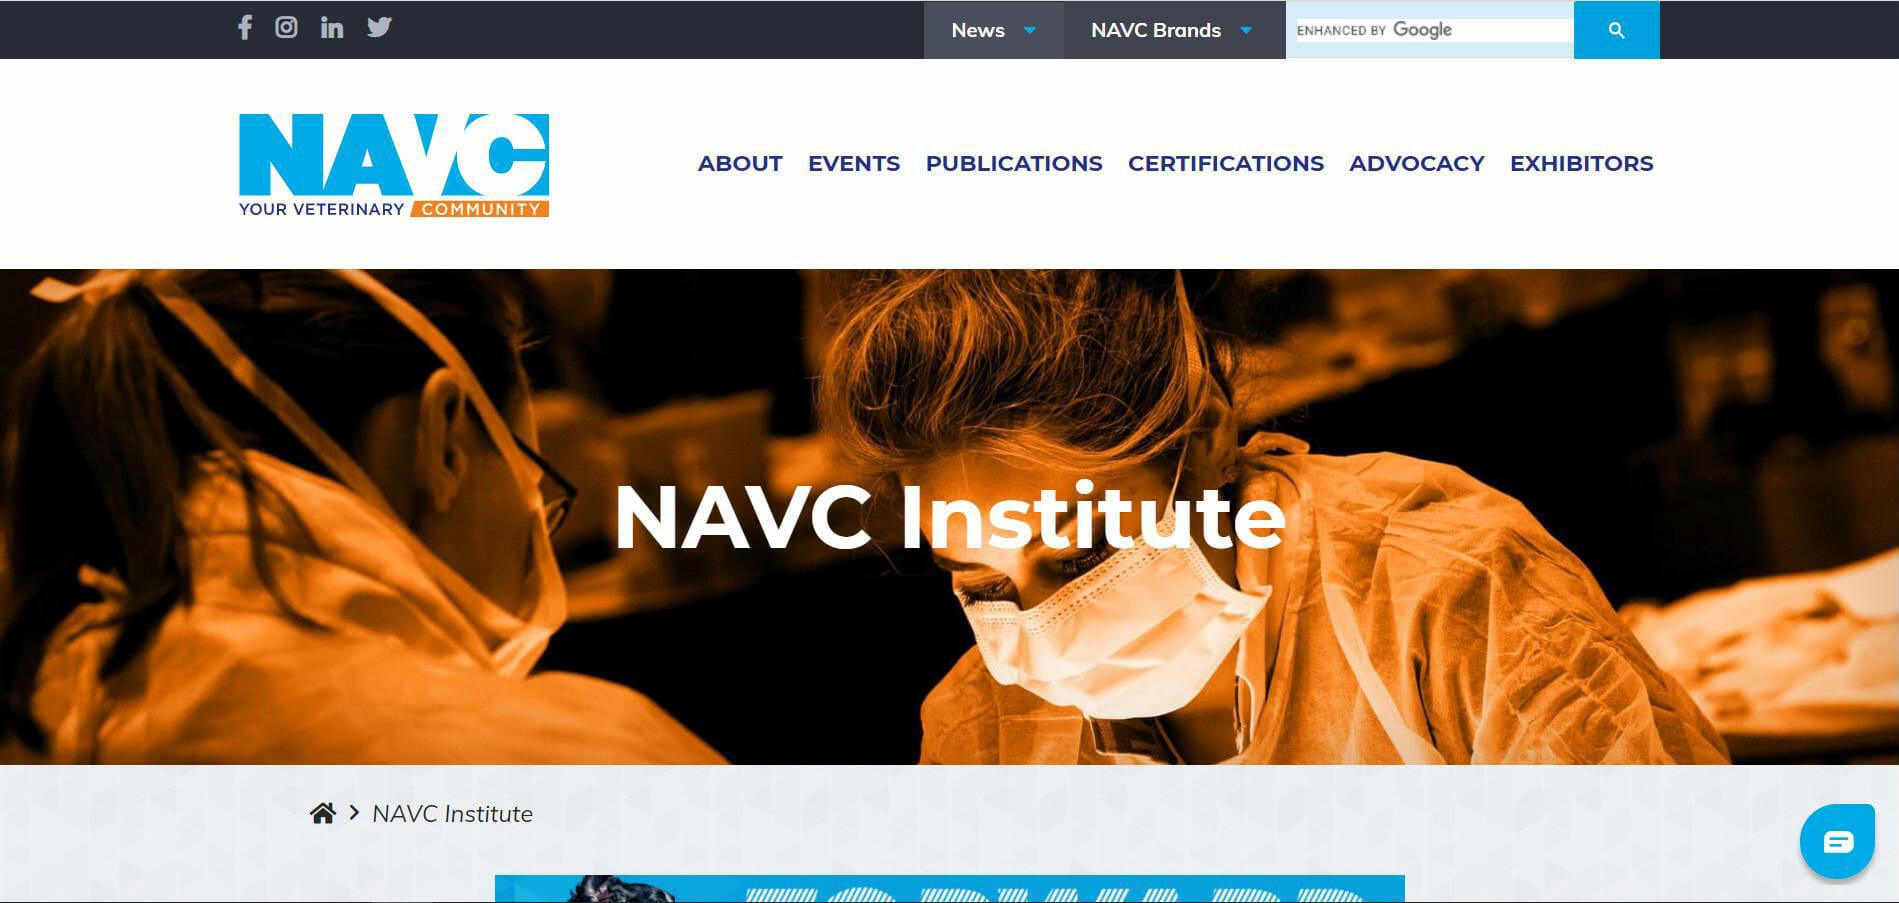 navc institute